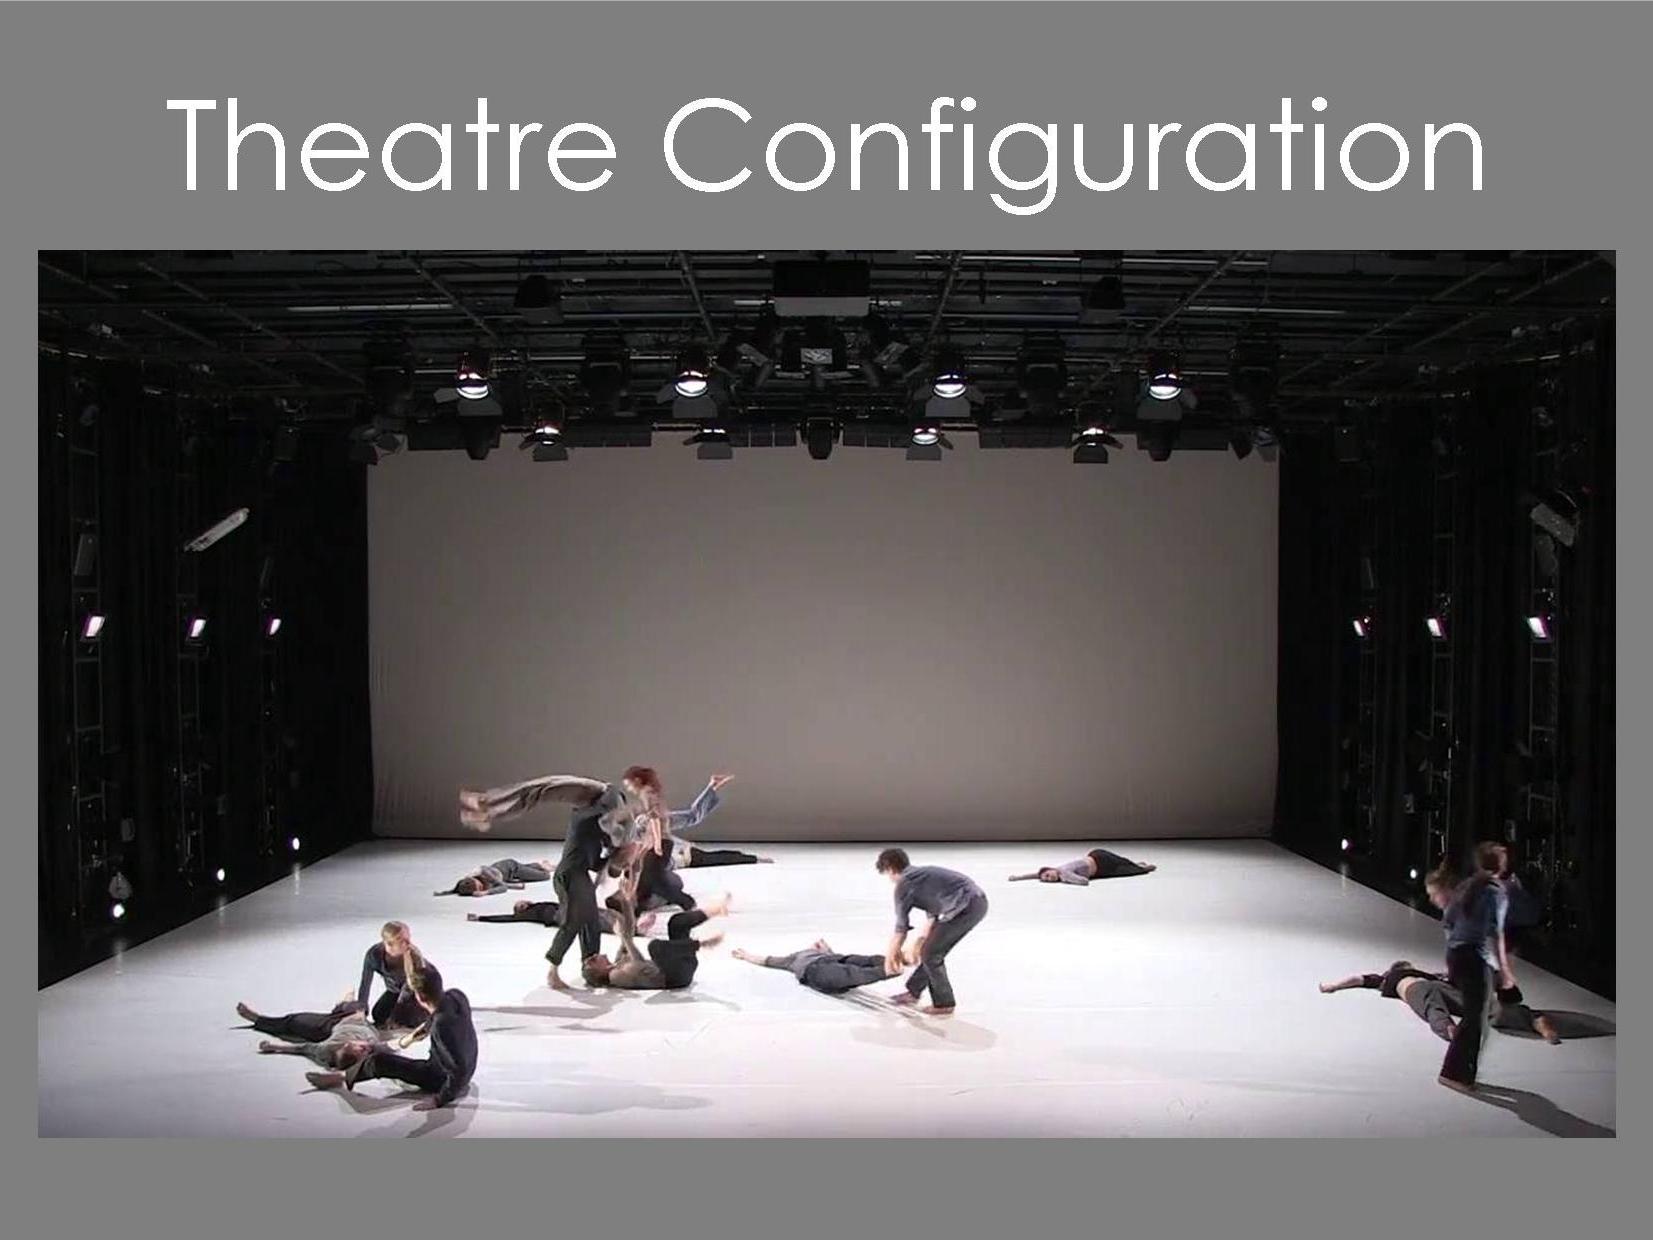 Theatre Configuration